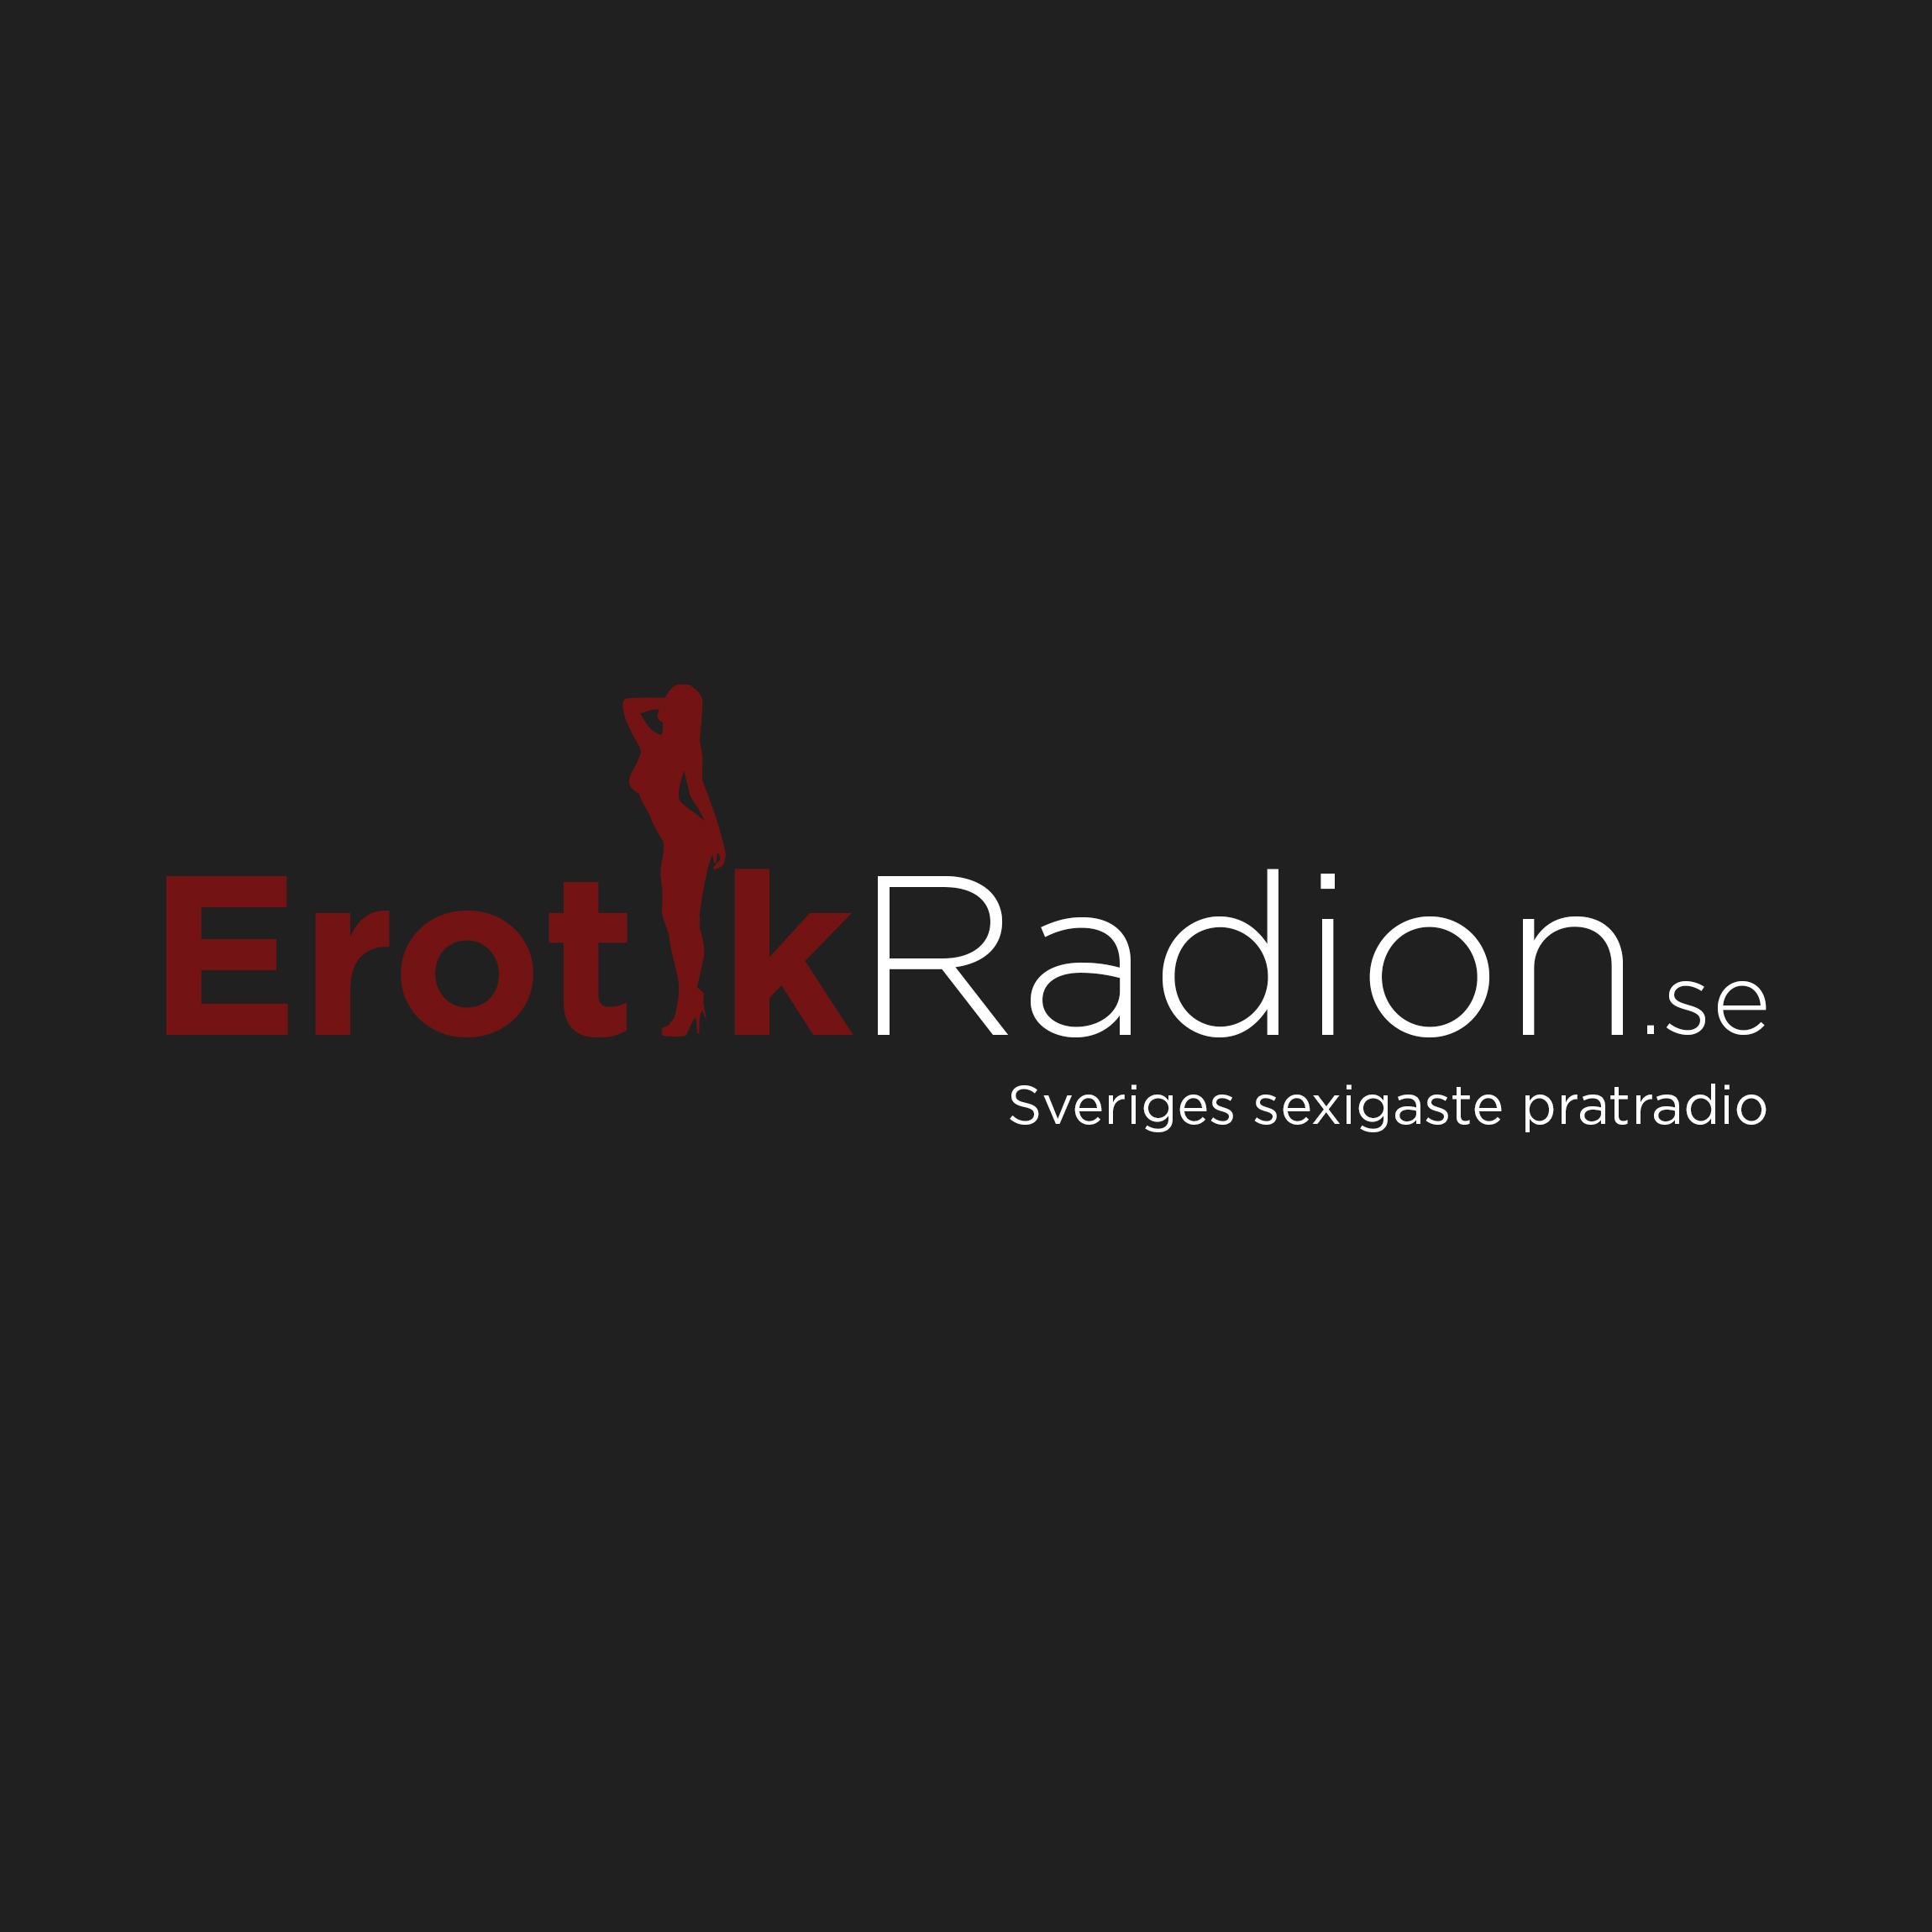 Erotikradion.se